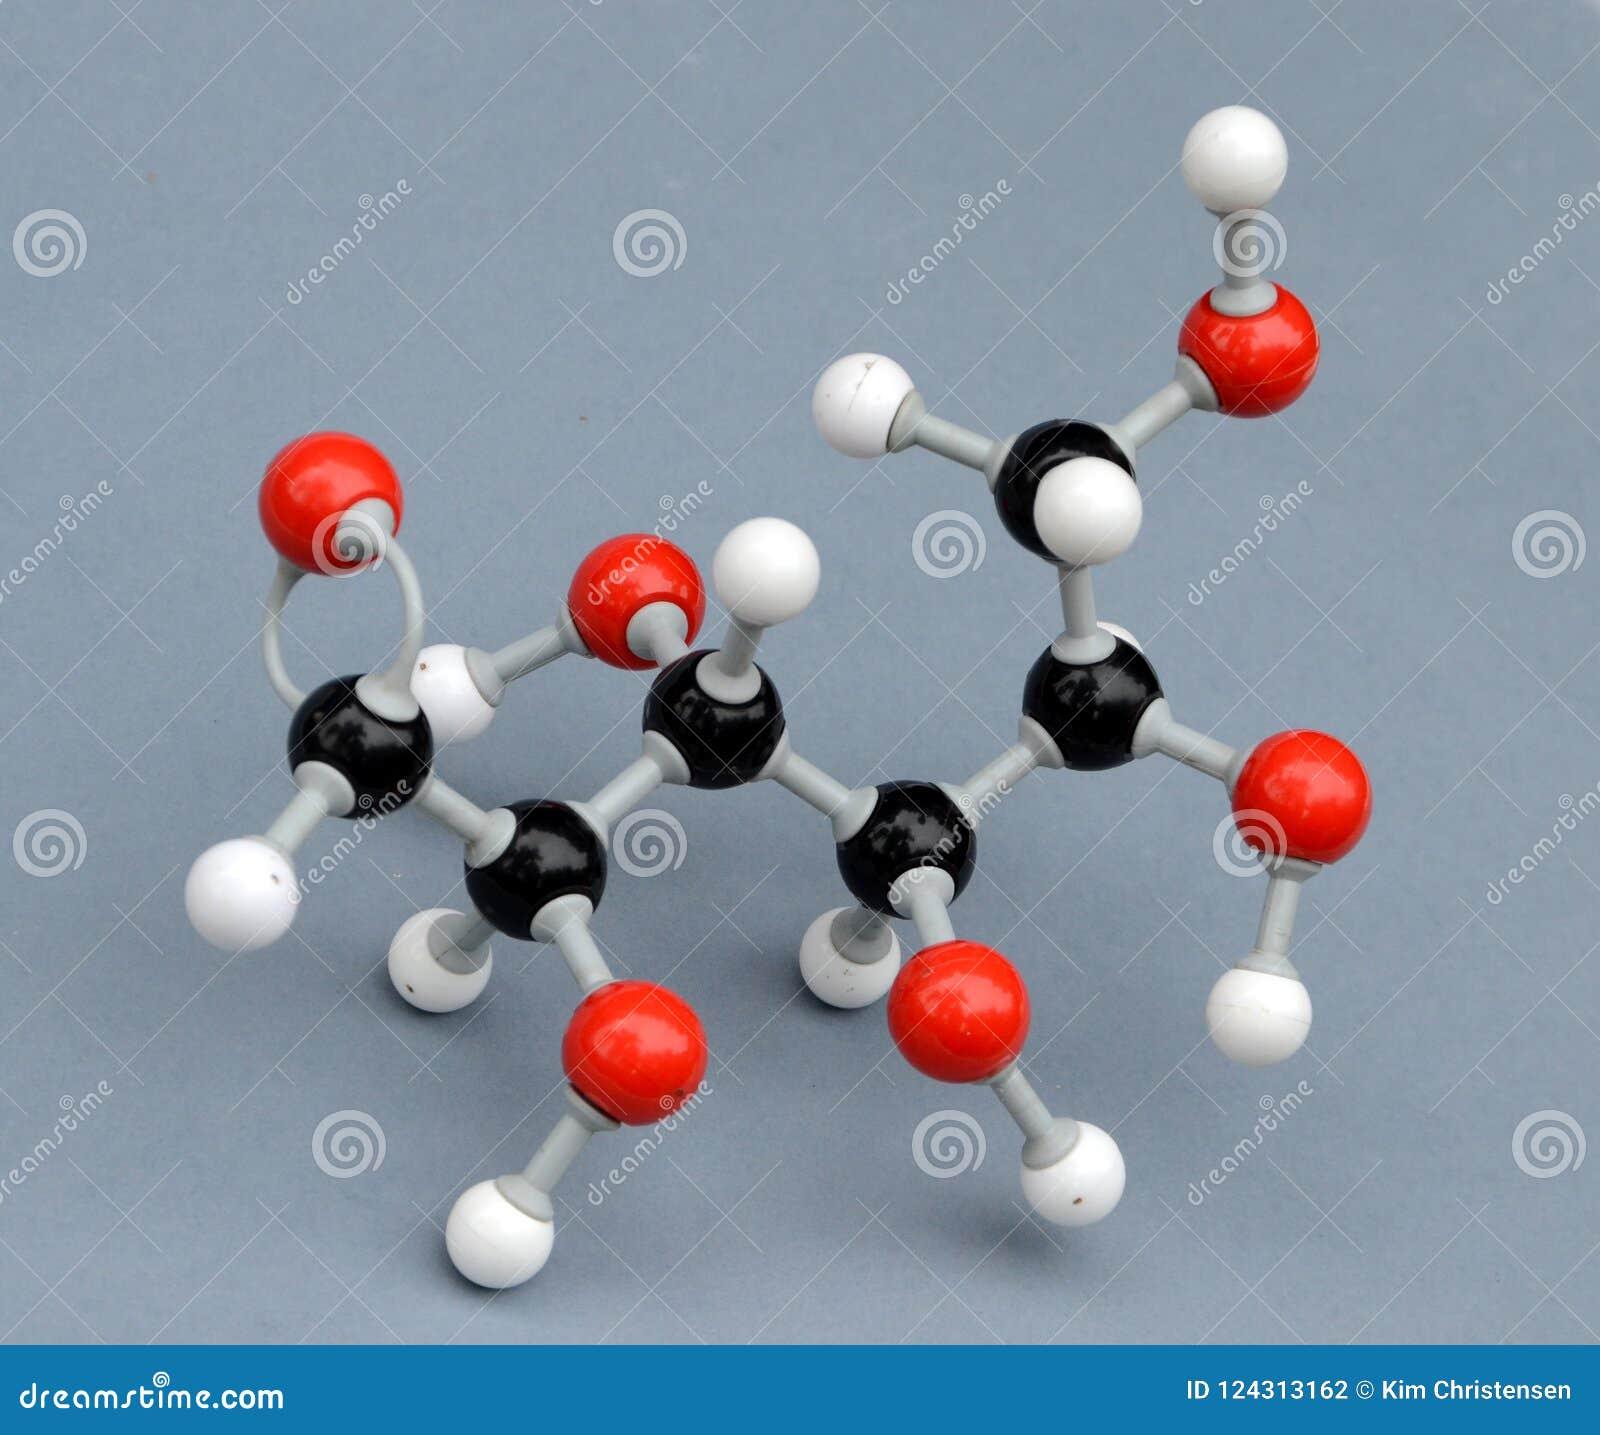 Monosaccaride molecule model